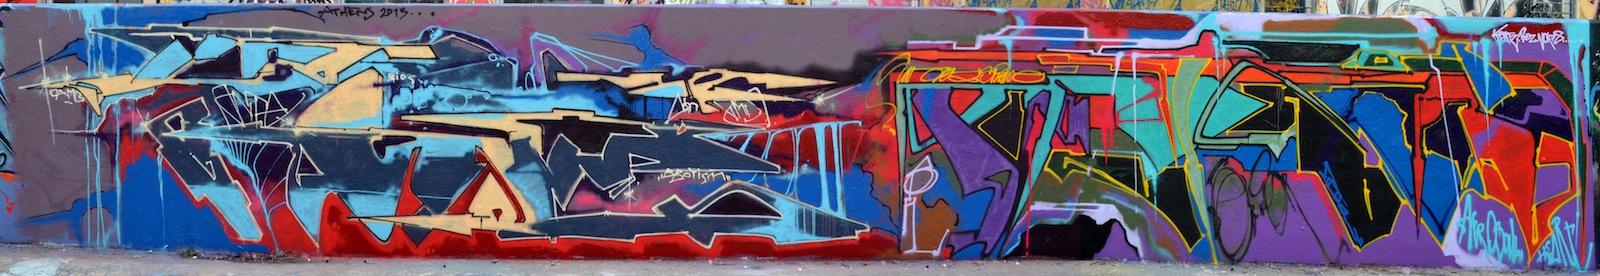 AnteSenor 20-11-2013b